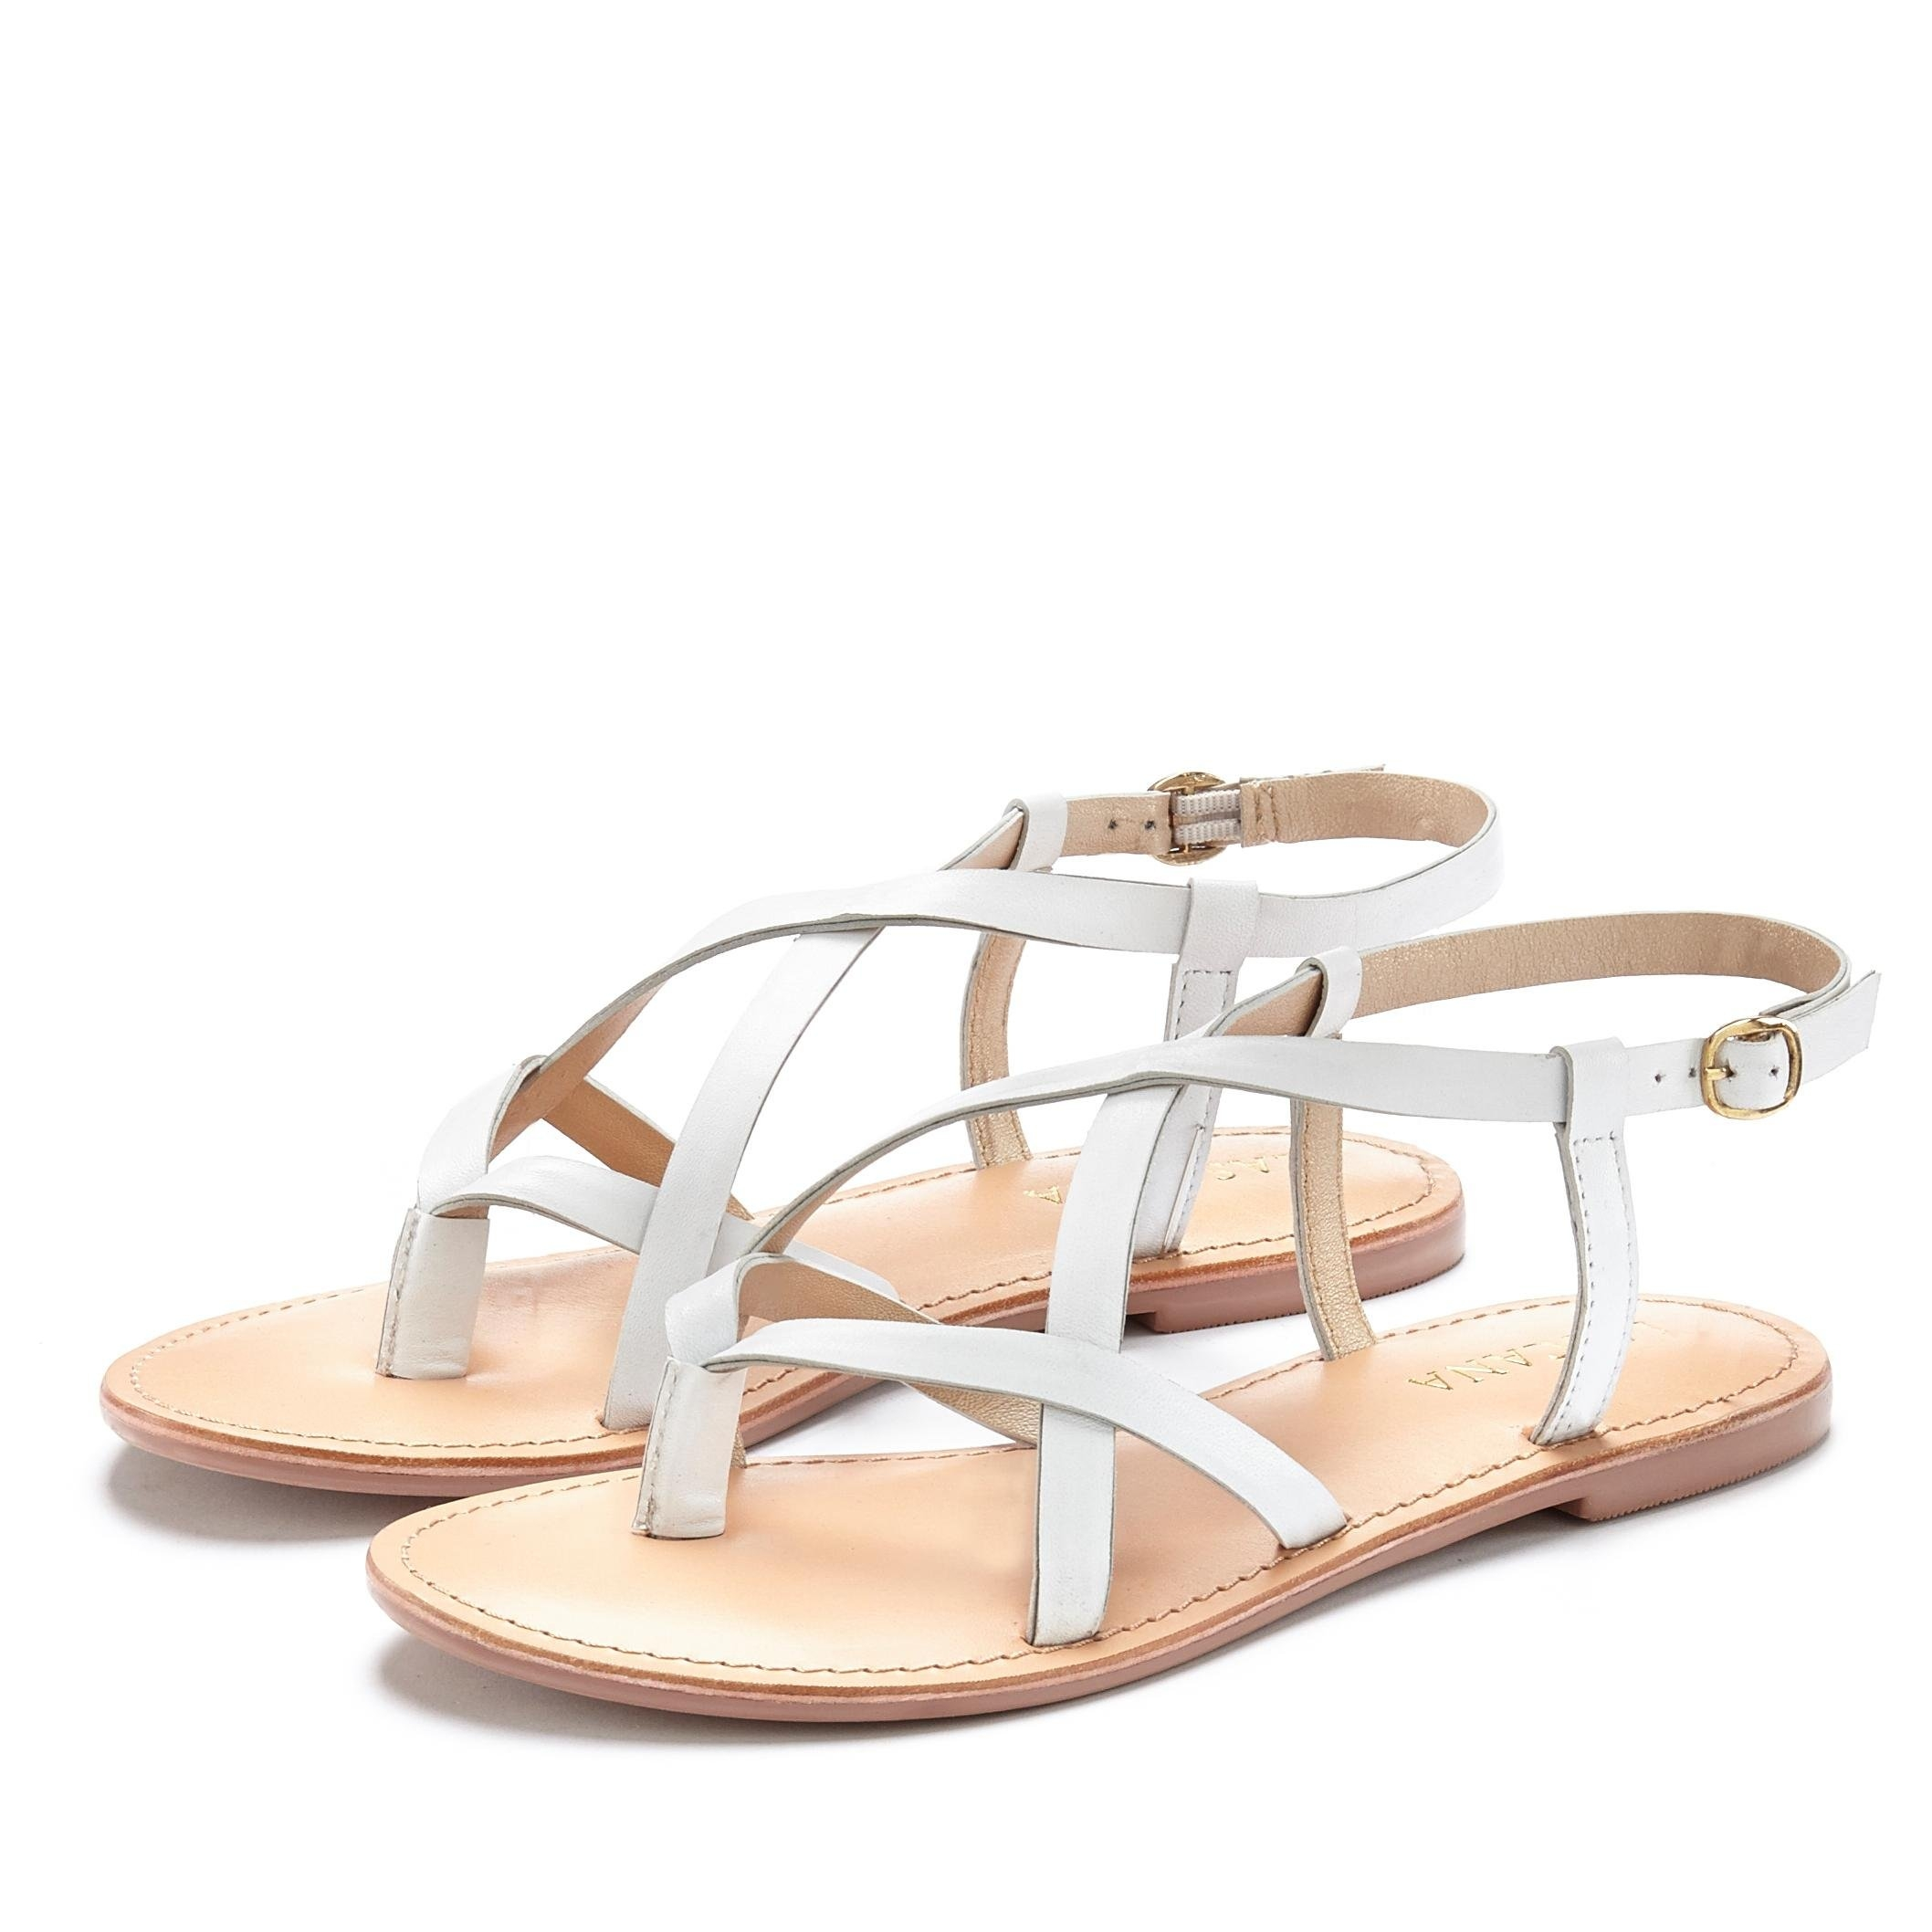 LASCANA sandalen bestellen: 30 dagen bedenktijd